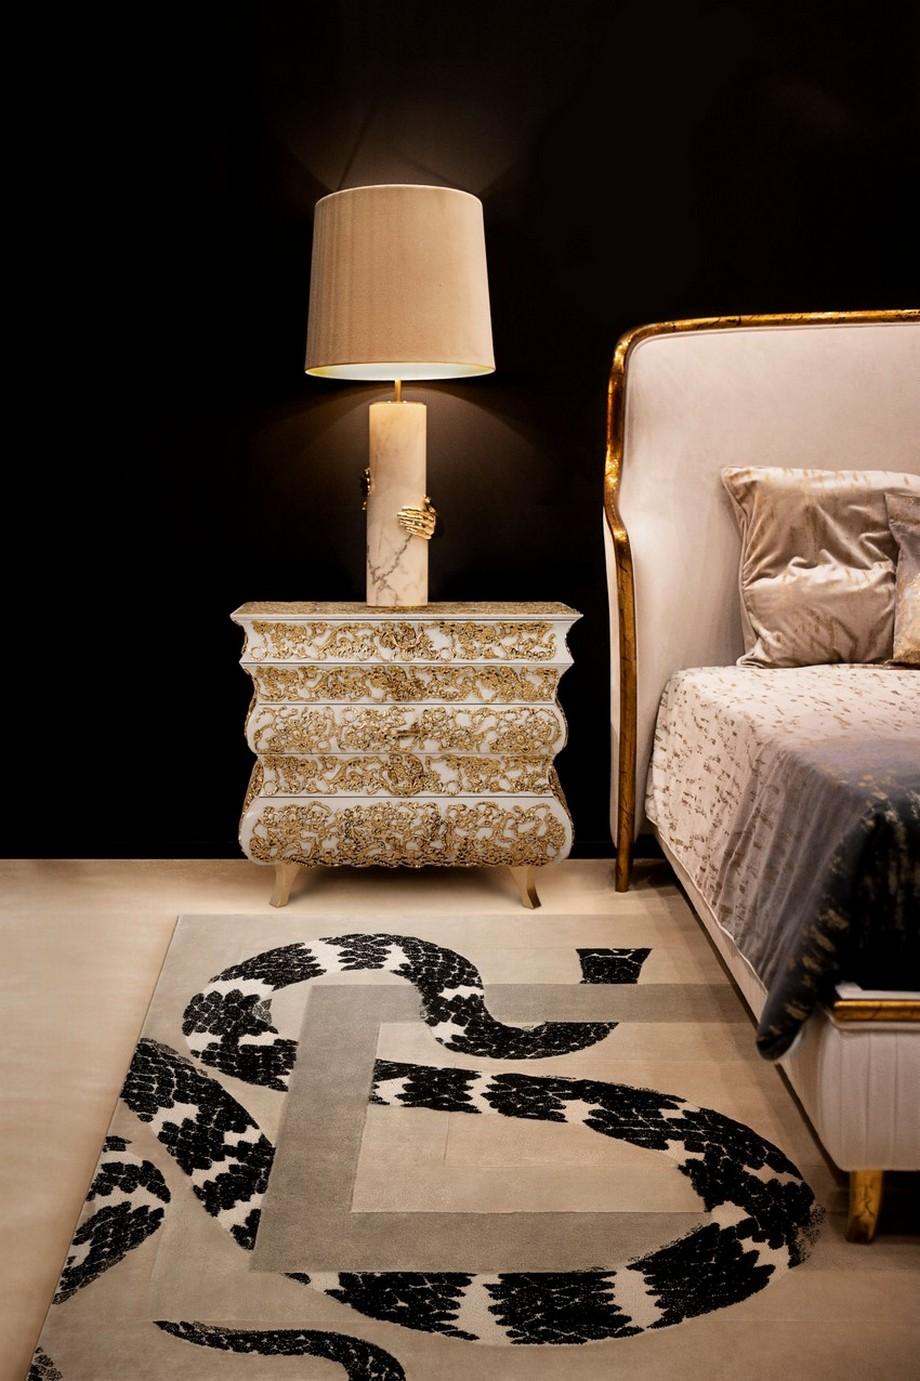 Diseño Dormitorio: Inspiraciónes poderosas y elegantes diseño dormitorio Diseño Dormitorio: Inspiraciónes poderosas y elegantes La6NQkPw